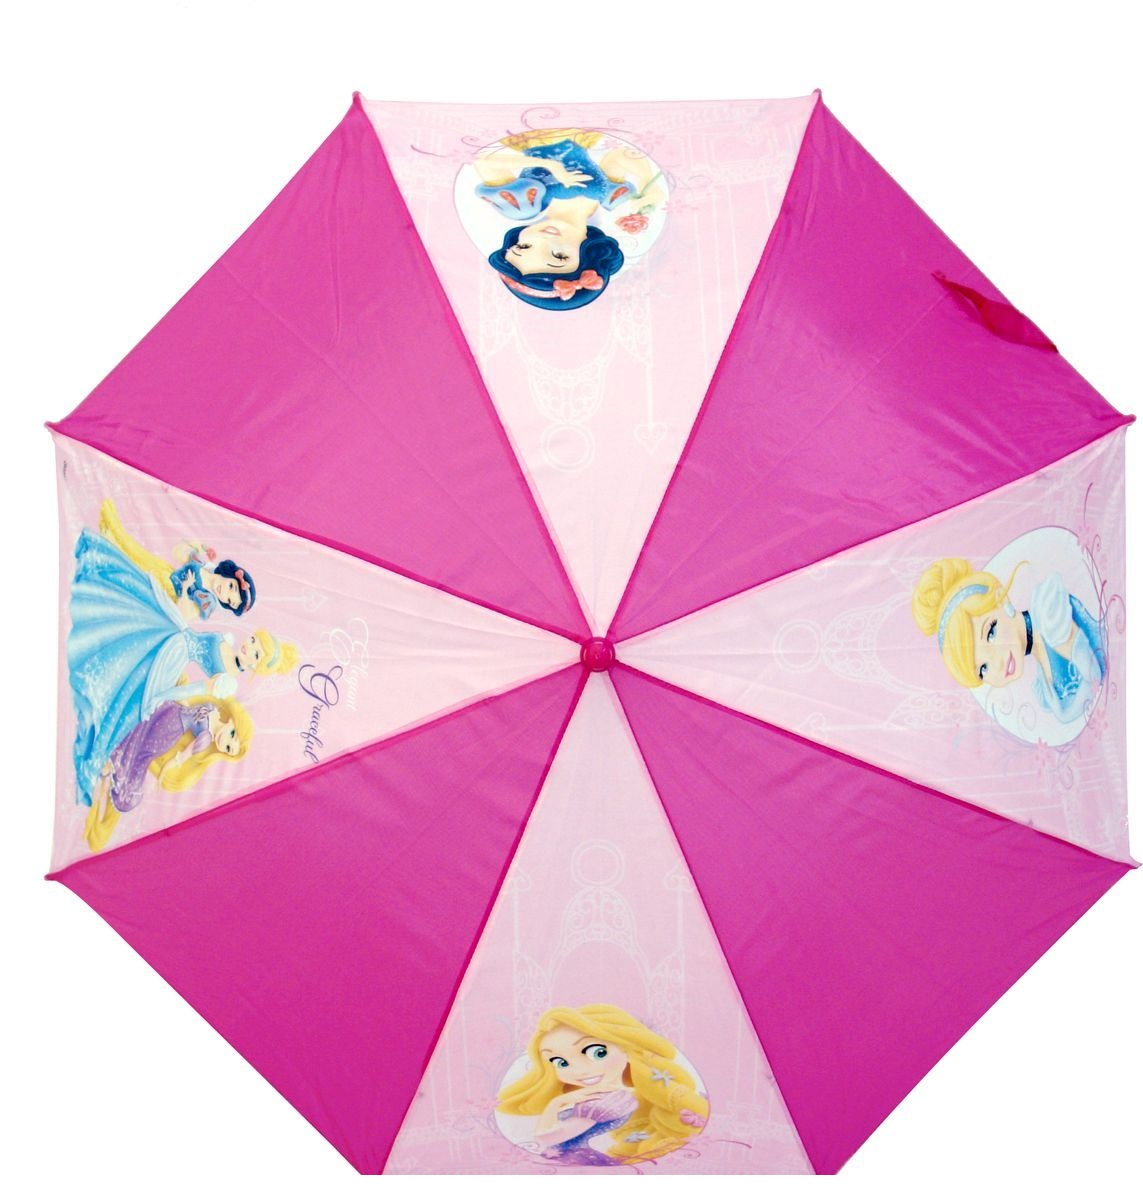 Зонт-трость из серии Disney Princess, 46 см., автоматическийДетские зонты<br>Зонт-трость из серии Disney Princess, 46 см., автоматический<br>